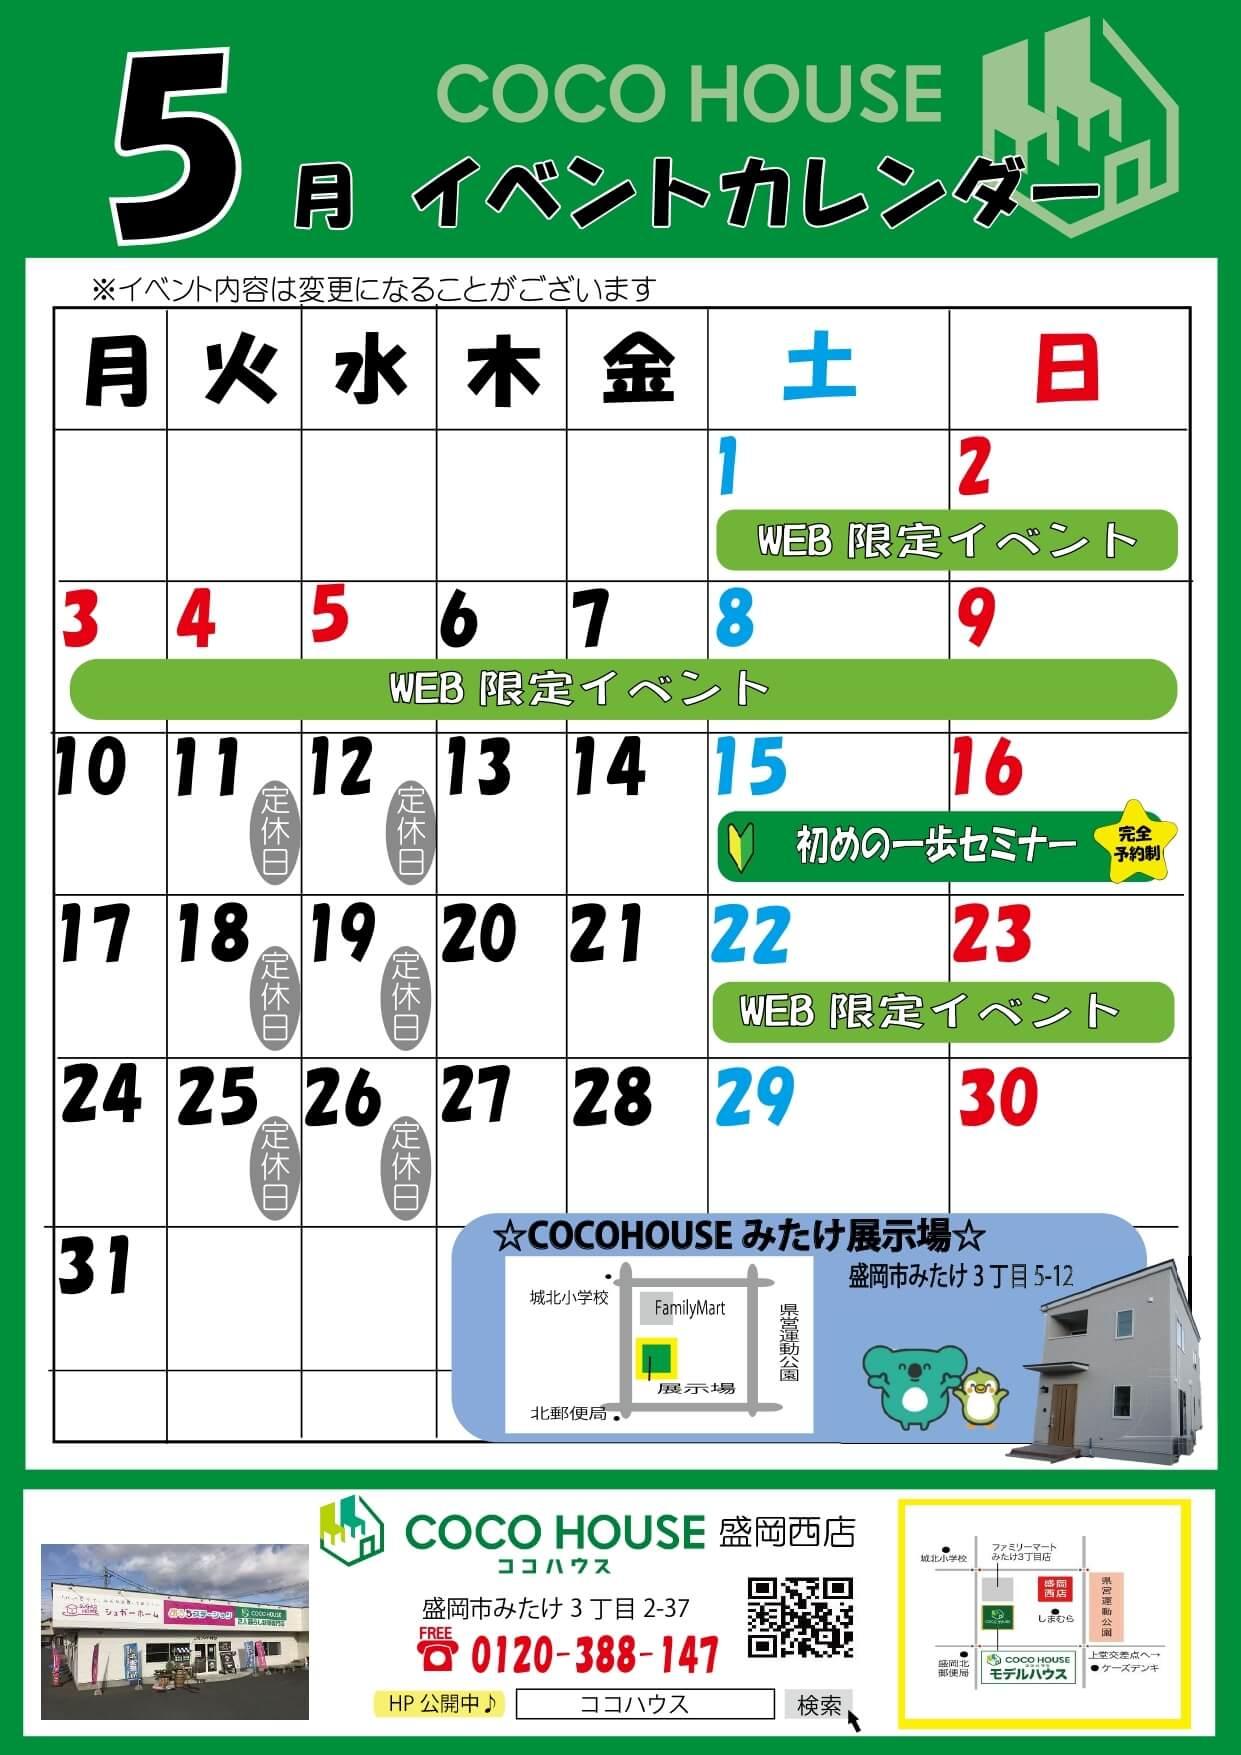 盛岡西店 5月イベント情報